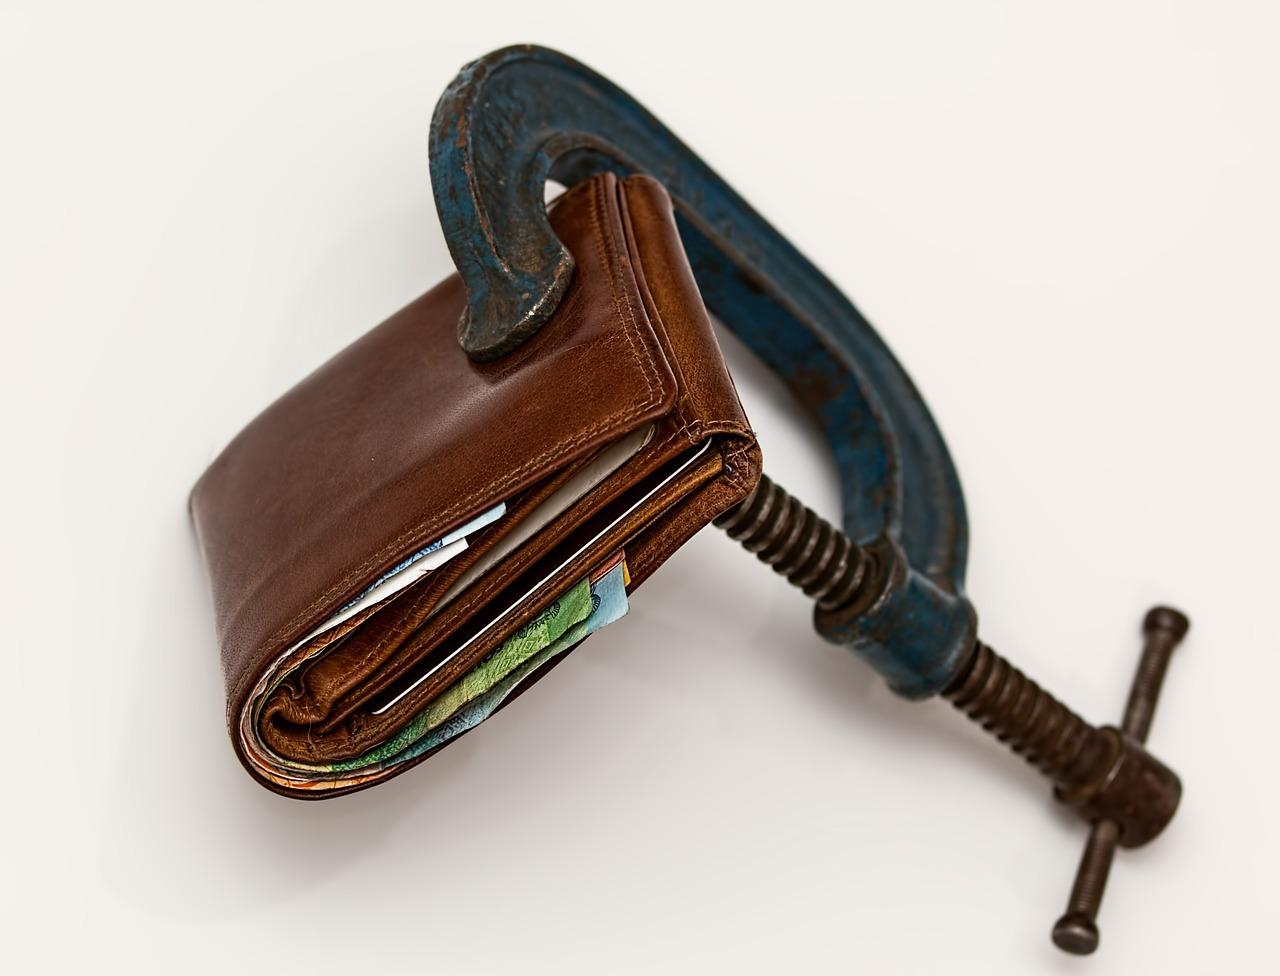 Αρνητικές επιπτώσεις στο λιανικό εμπόριο και το ΑΕΠ από τα capital controls.